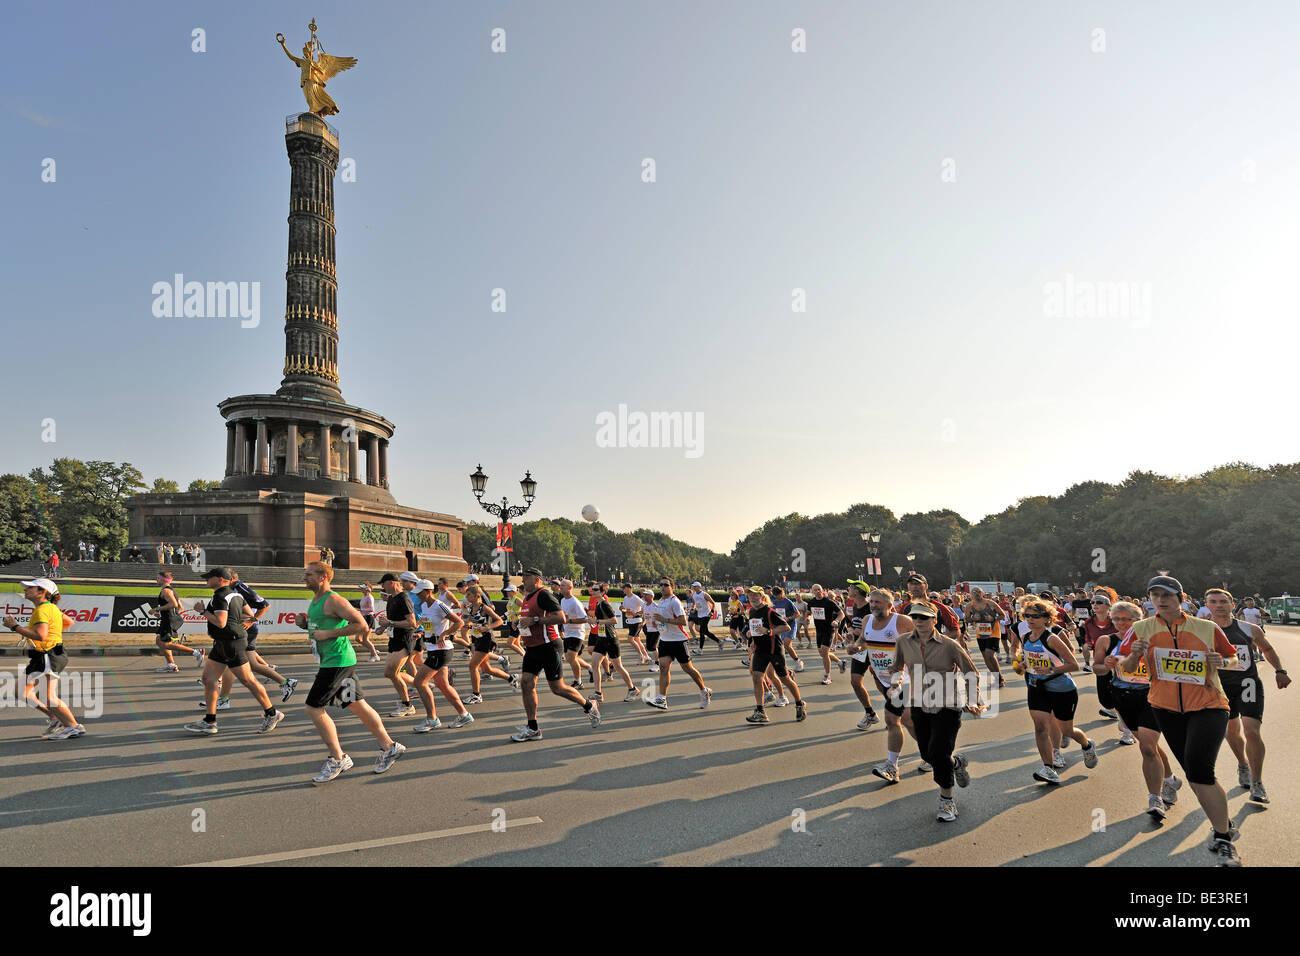 Porteur du Marathon de Berlin 2009 au Grosser Stern rond-point, Berlin, Germany, Europe Photo Stock